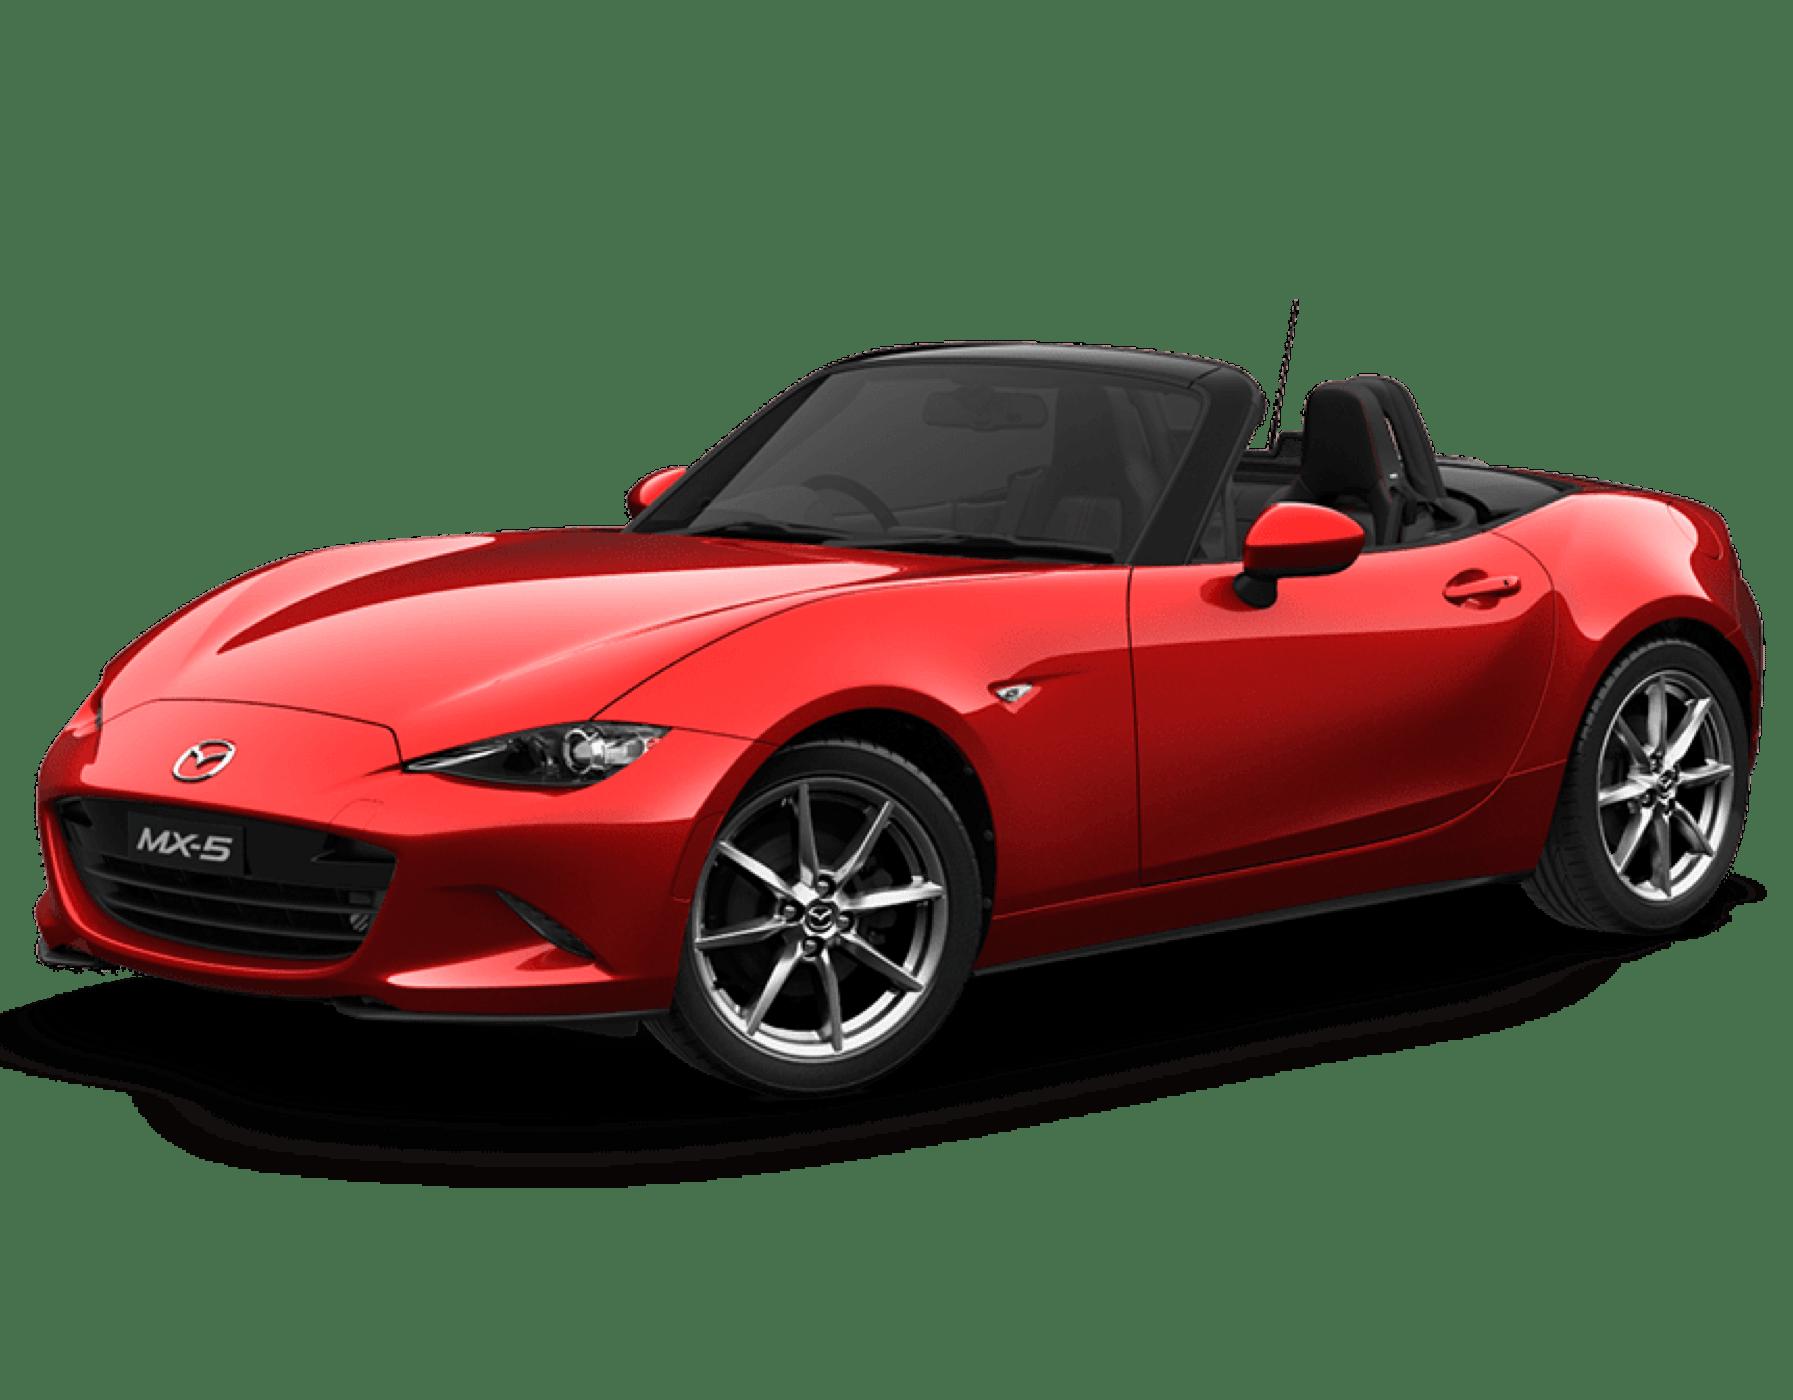 Kelebihan Mazda Mx 5 Roadster Spesifikasi